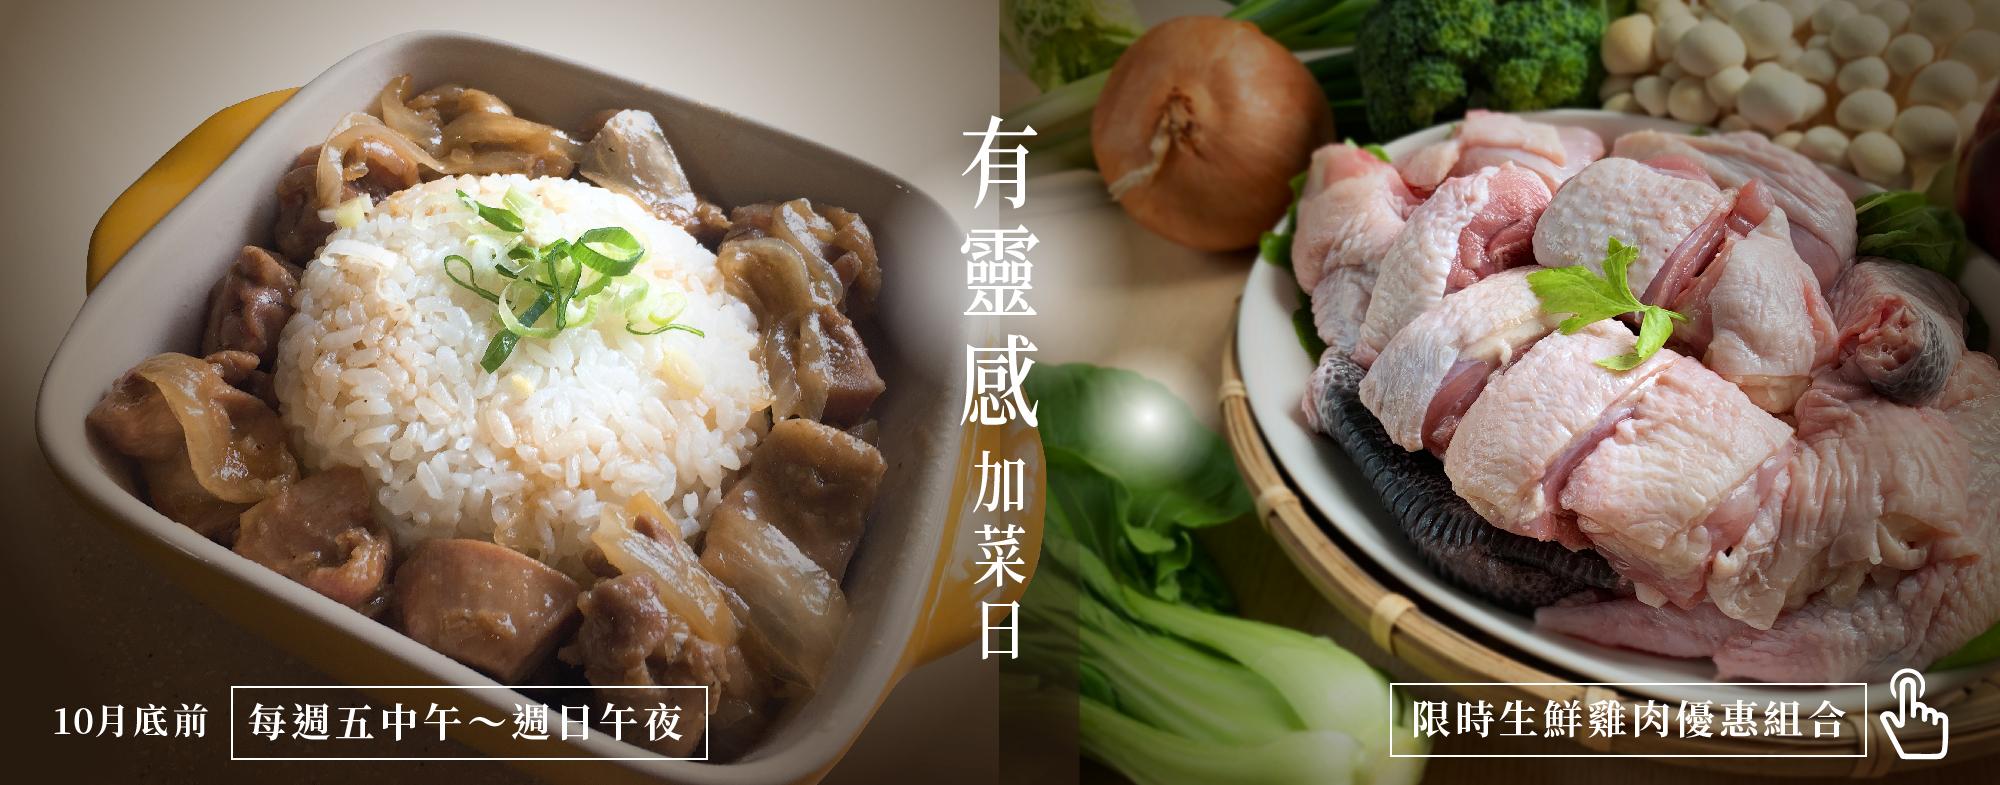 有靈感加菜日:帶便當食譜、新手料理教你做、美味生鮮雞肉組合限時優惠〜